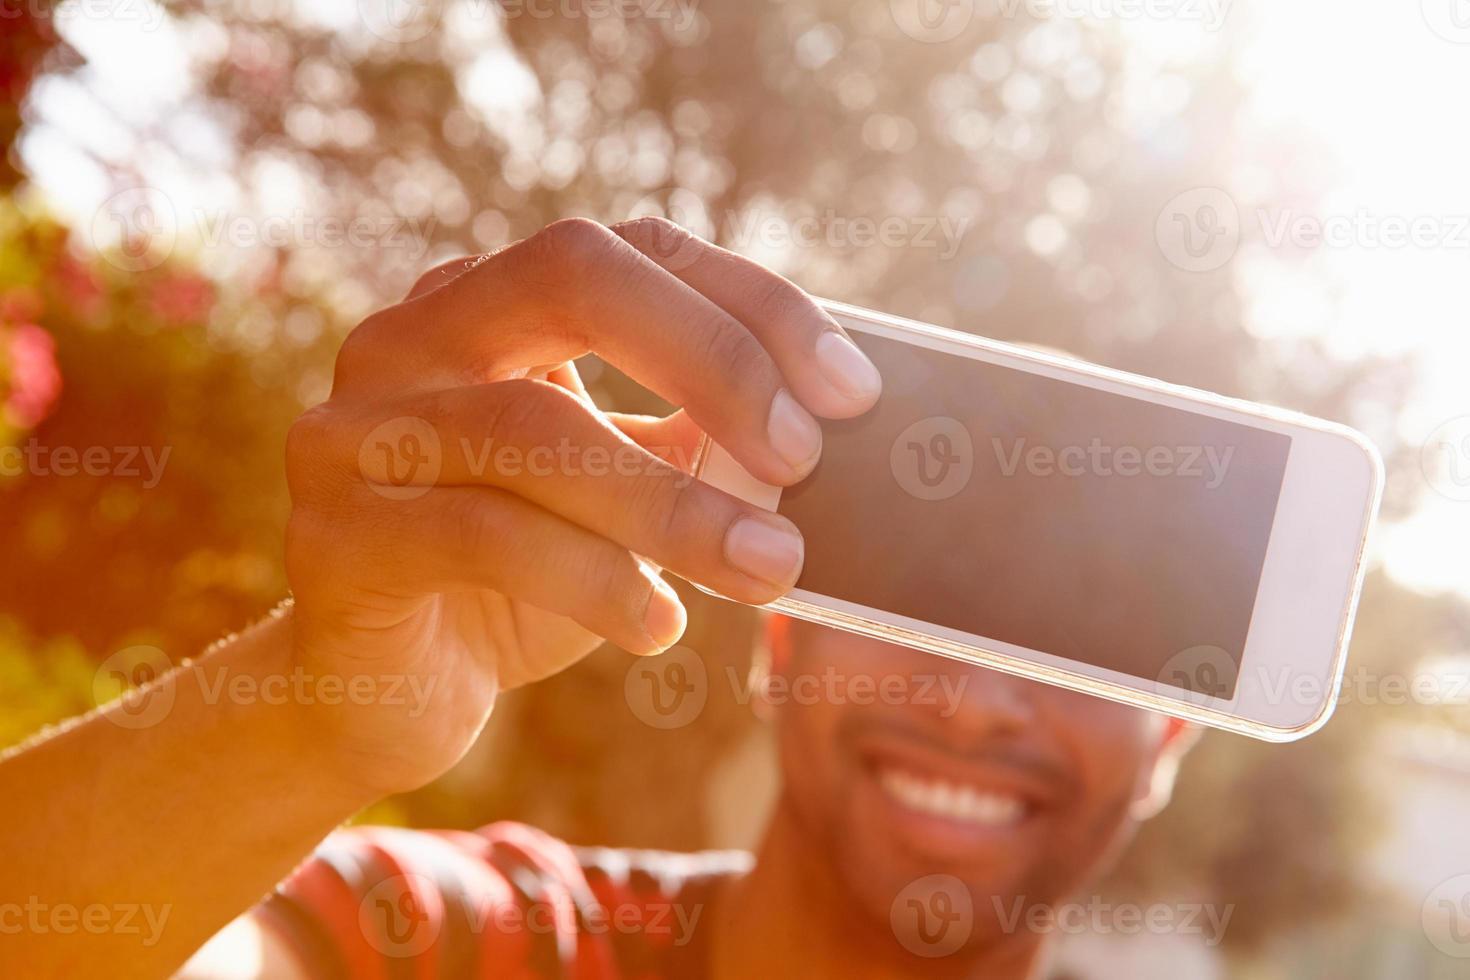 hombre de vacaciones tomando selfie con teléfono móvil foto